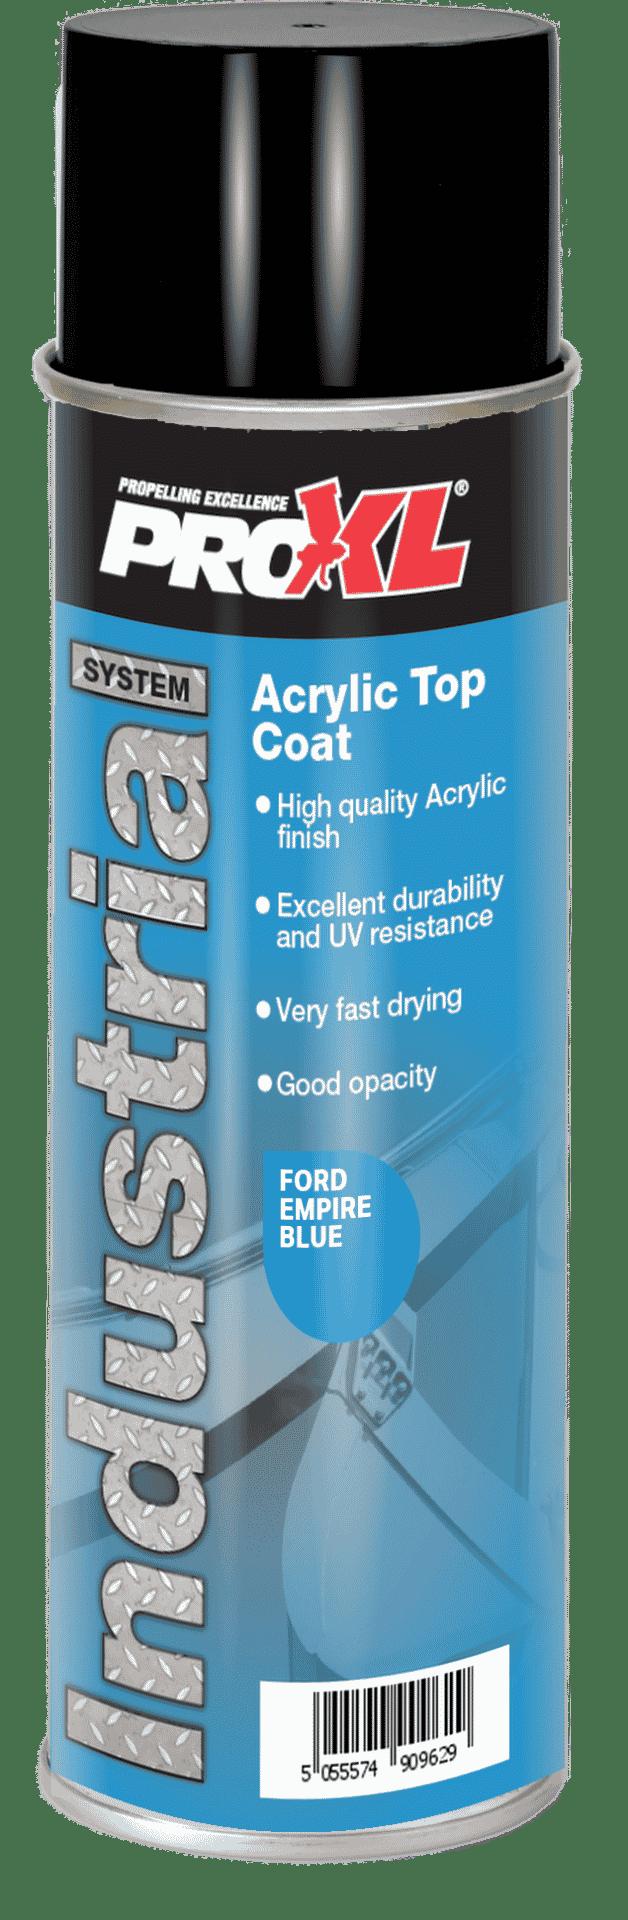 Acrylic Topcoat Aerosol – Safety Colours (500ml) Product Image